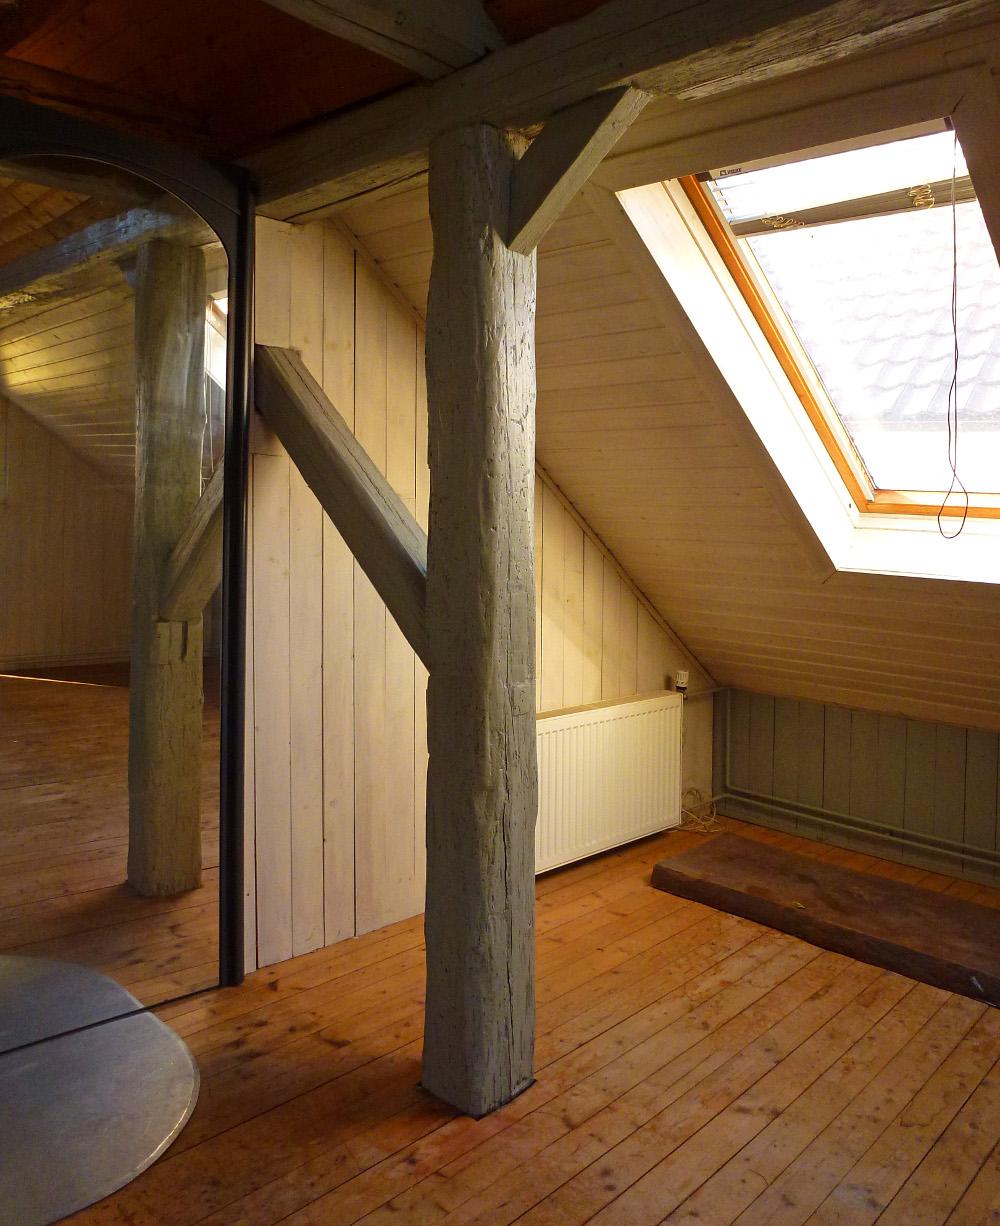 Das passende Fenster für den Dachstuhl finden